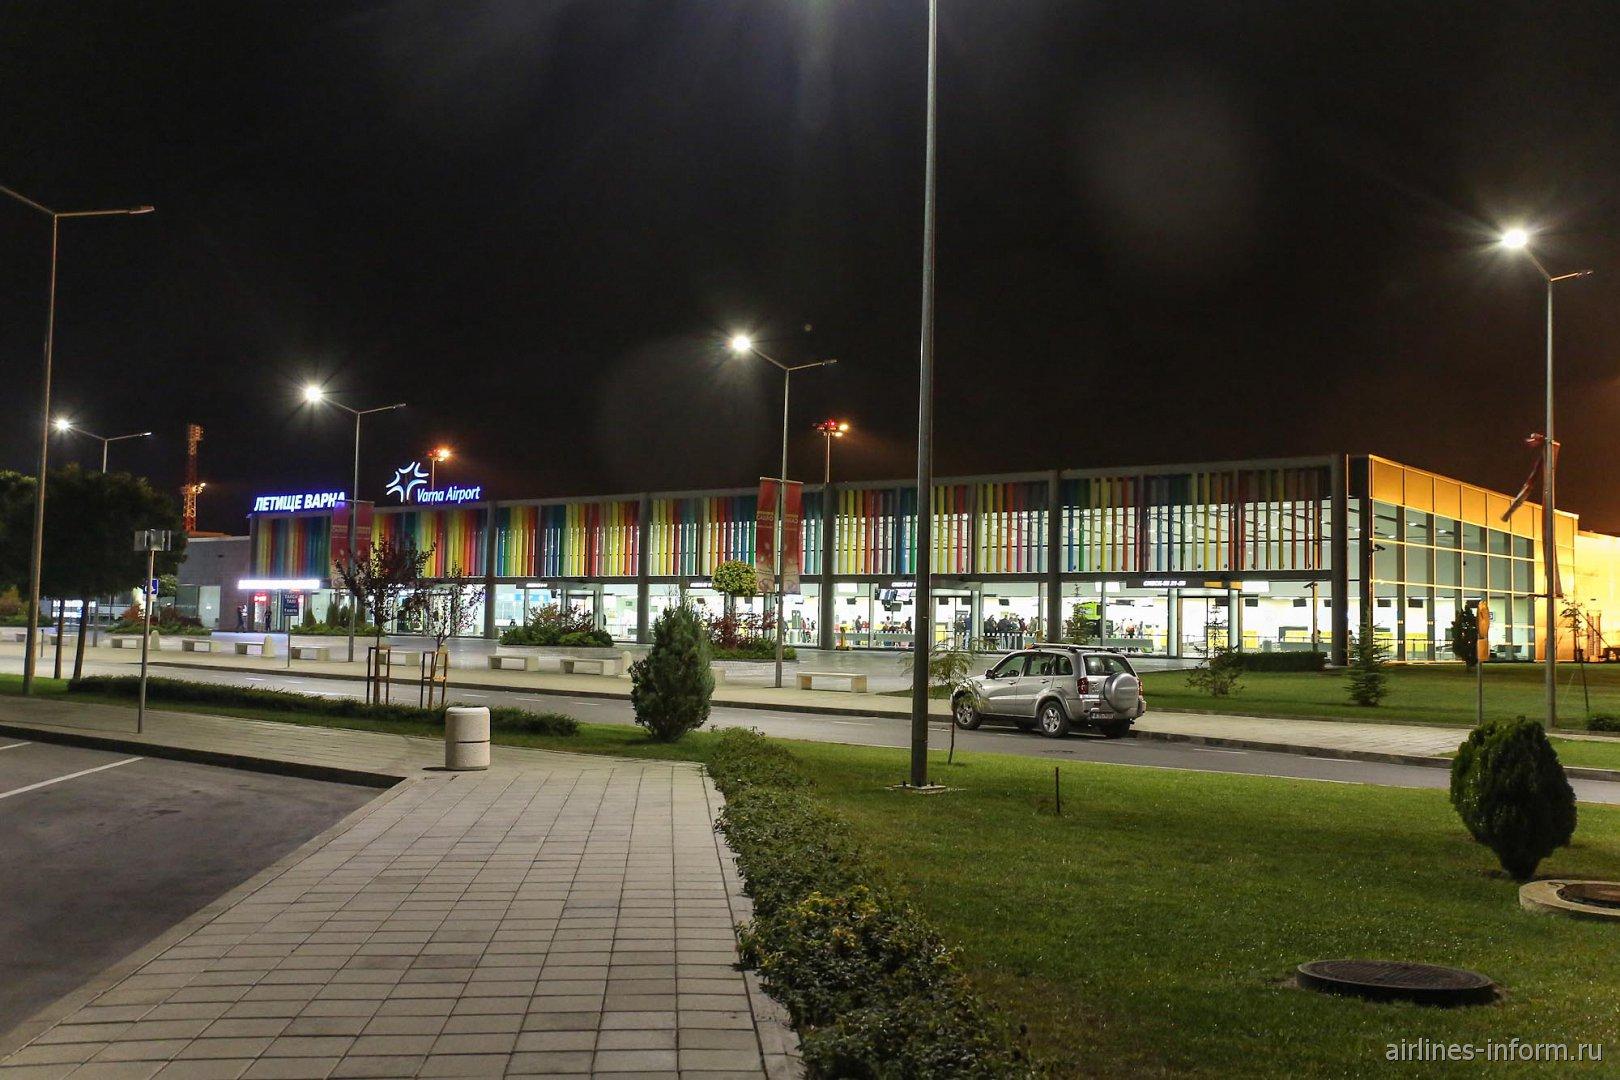 Зона вылета пассажирского терминал аэропорта Варна